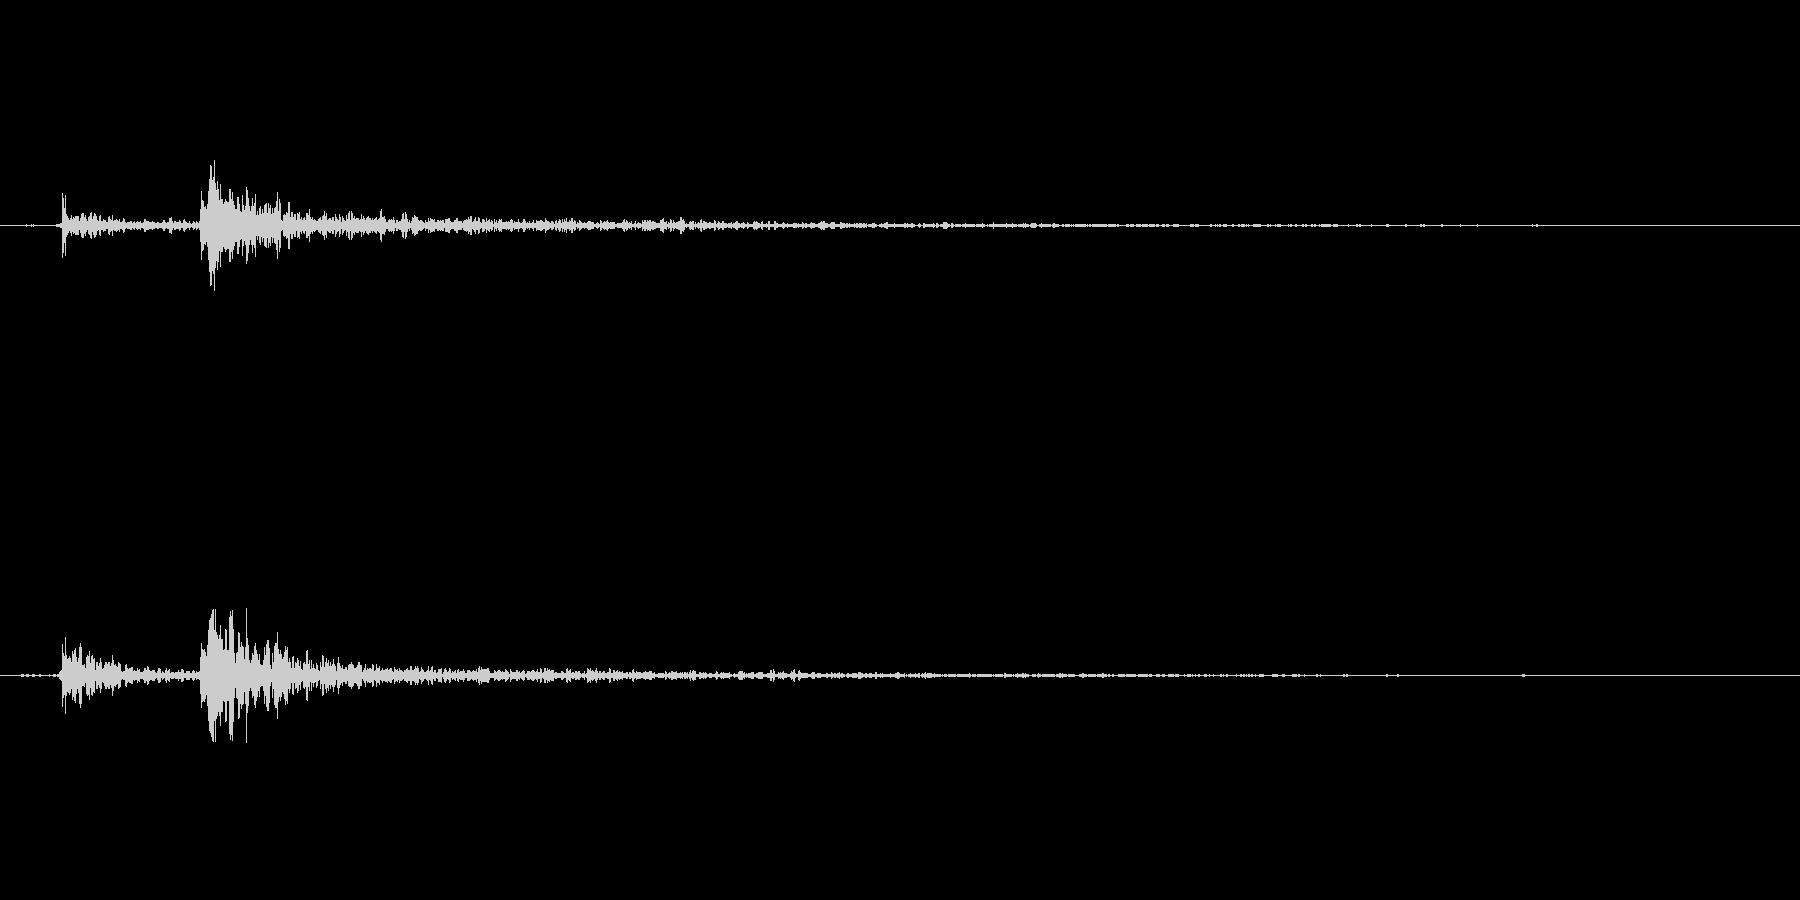 ドアを閉める音(エフェクト有り)の未再生の波形